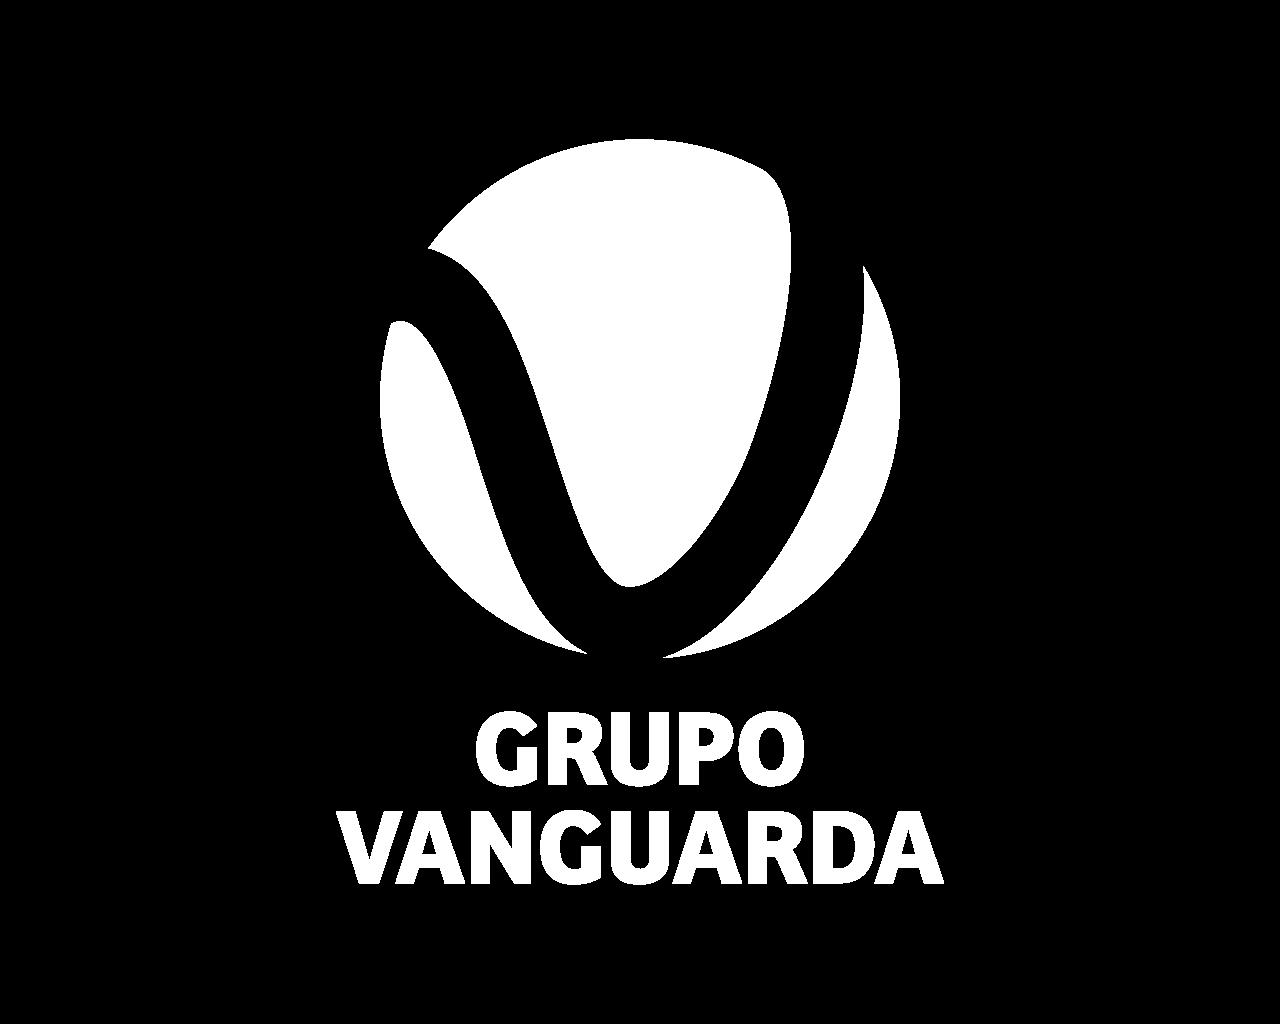 Grupo Vanguarda